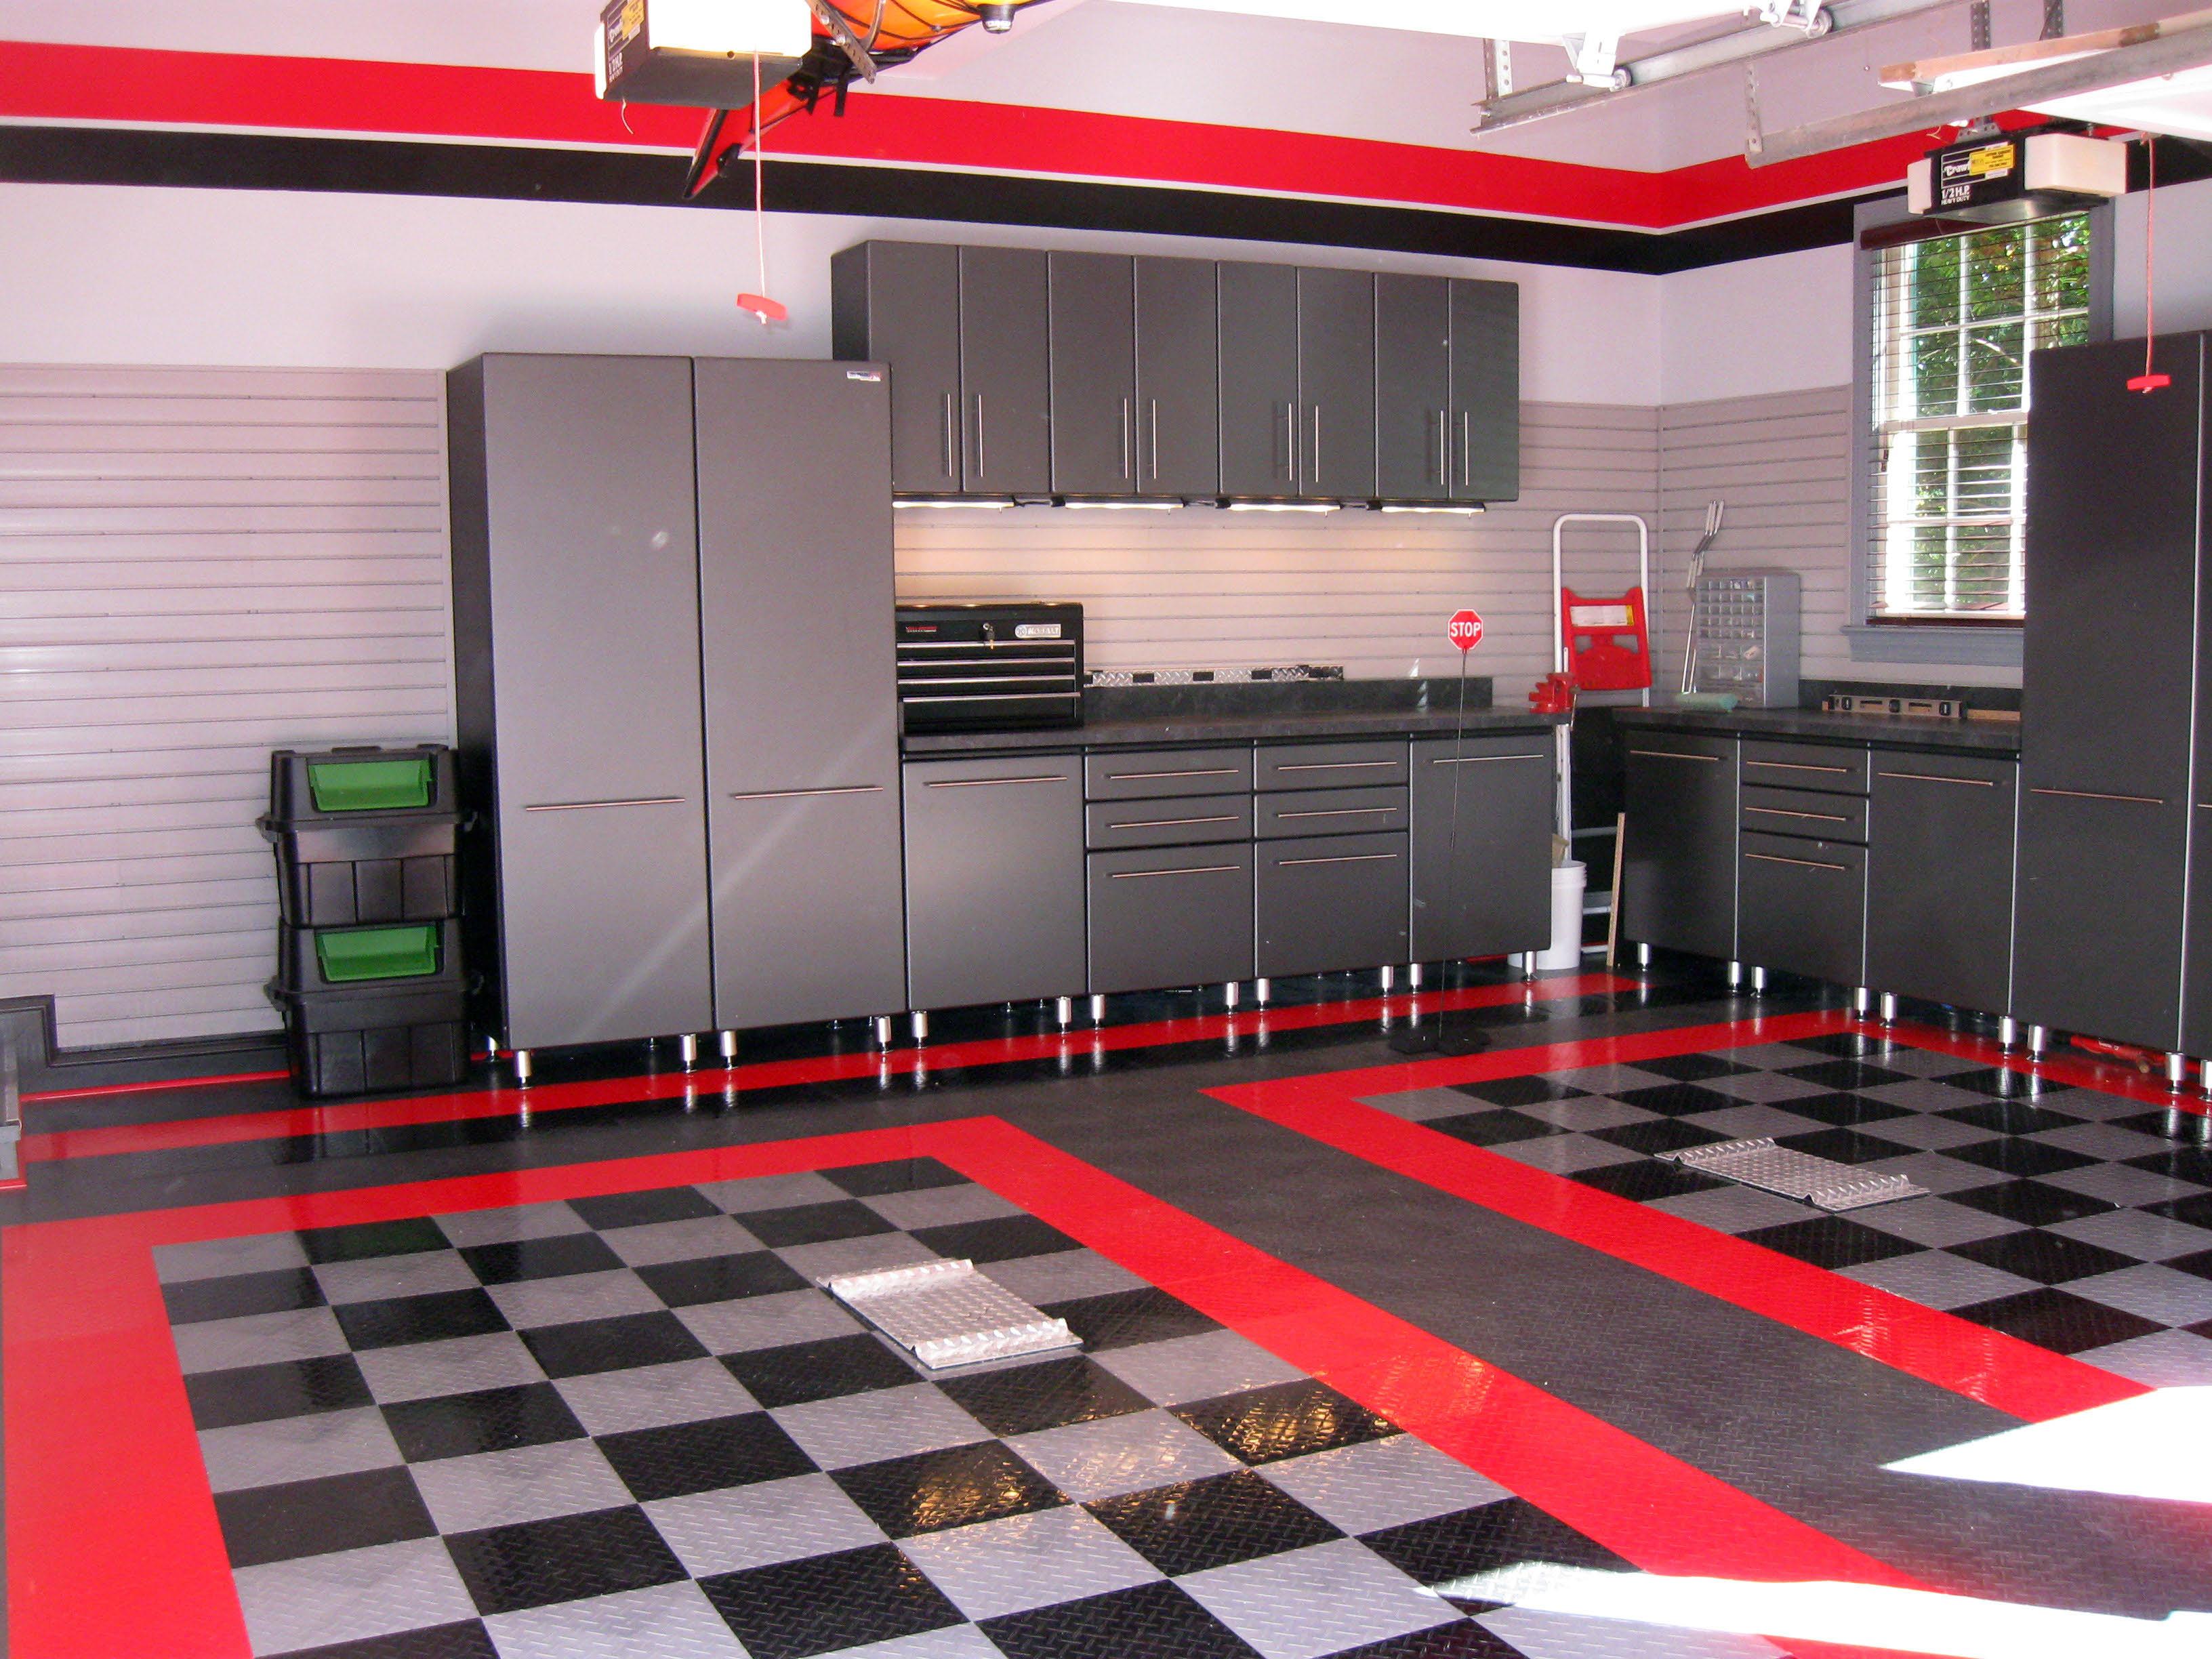 garage storage pictures photo - 1